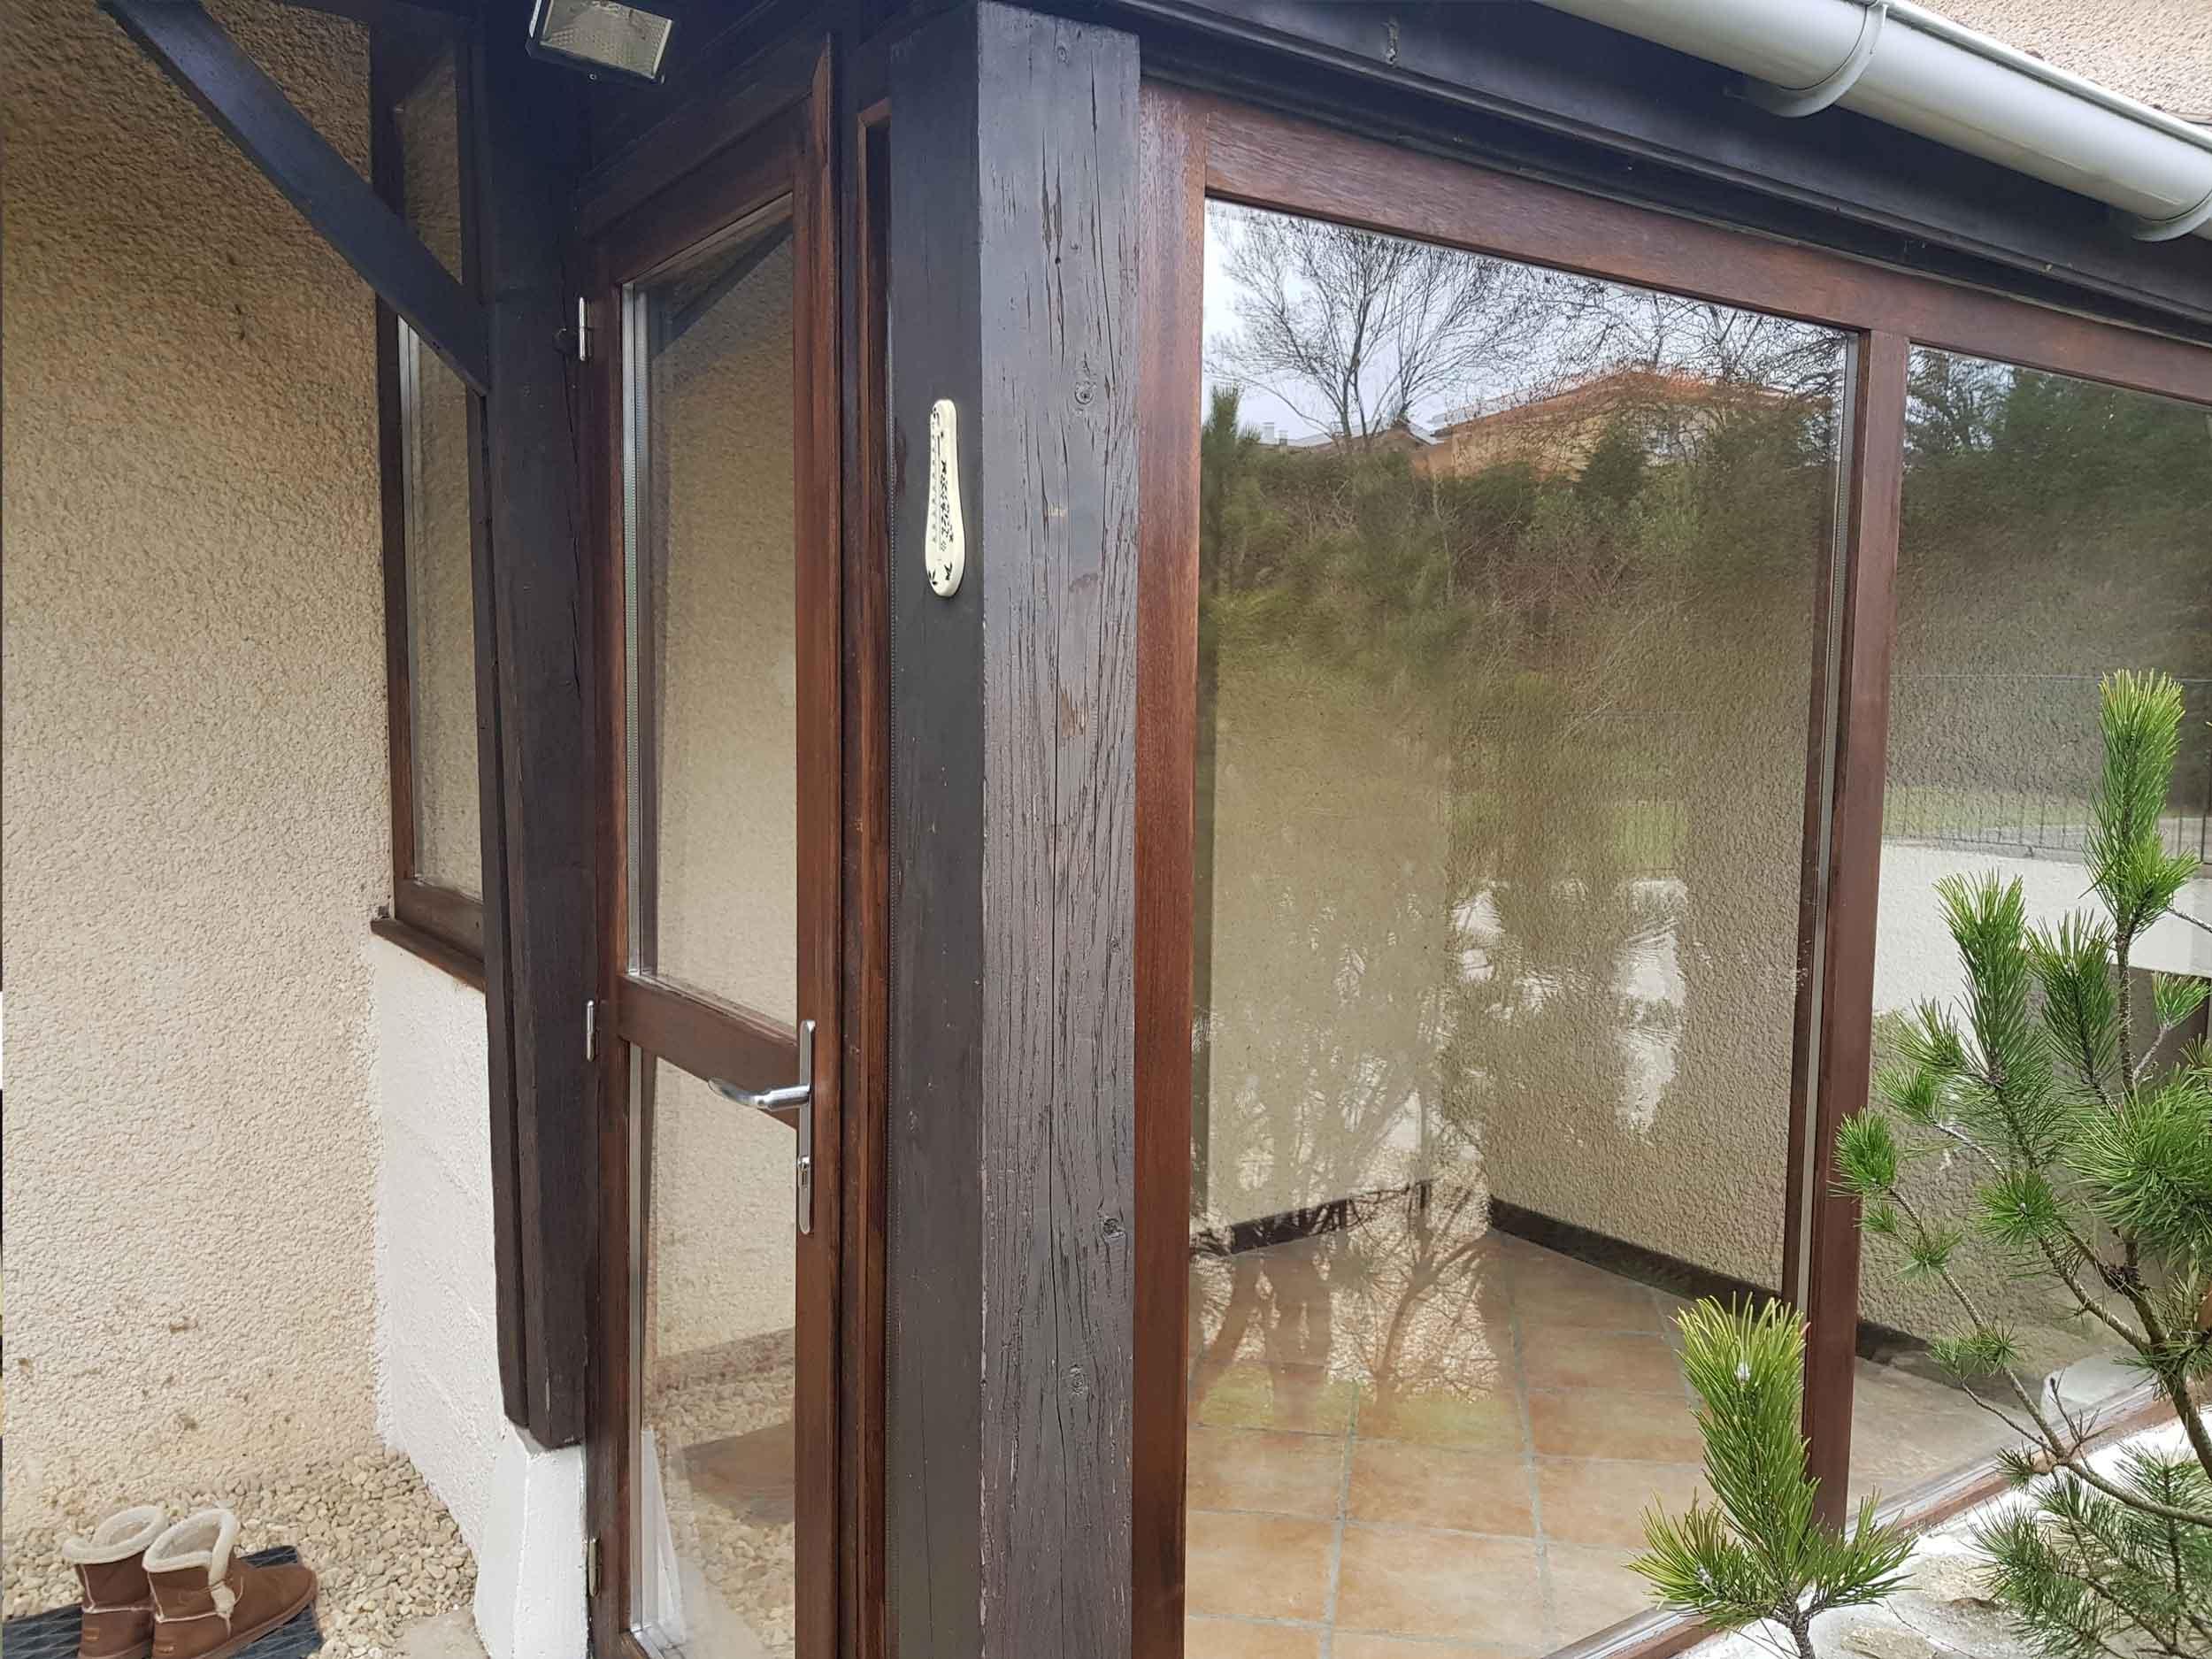 Rénovation véranda bois dans une maison à Villefranche